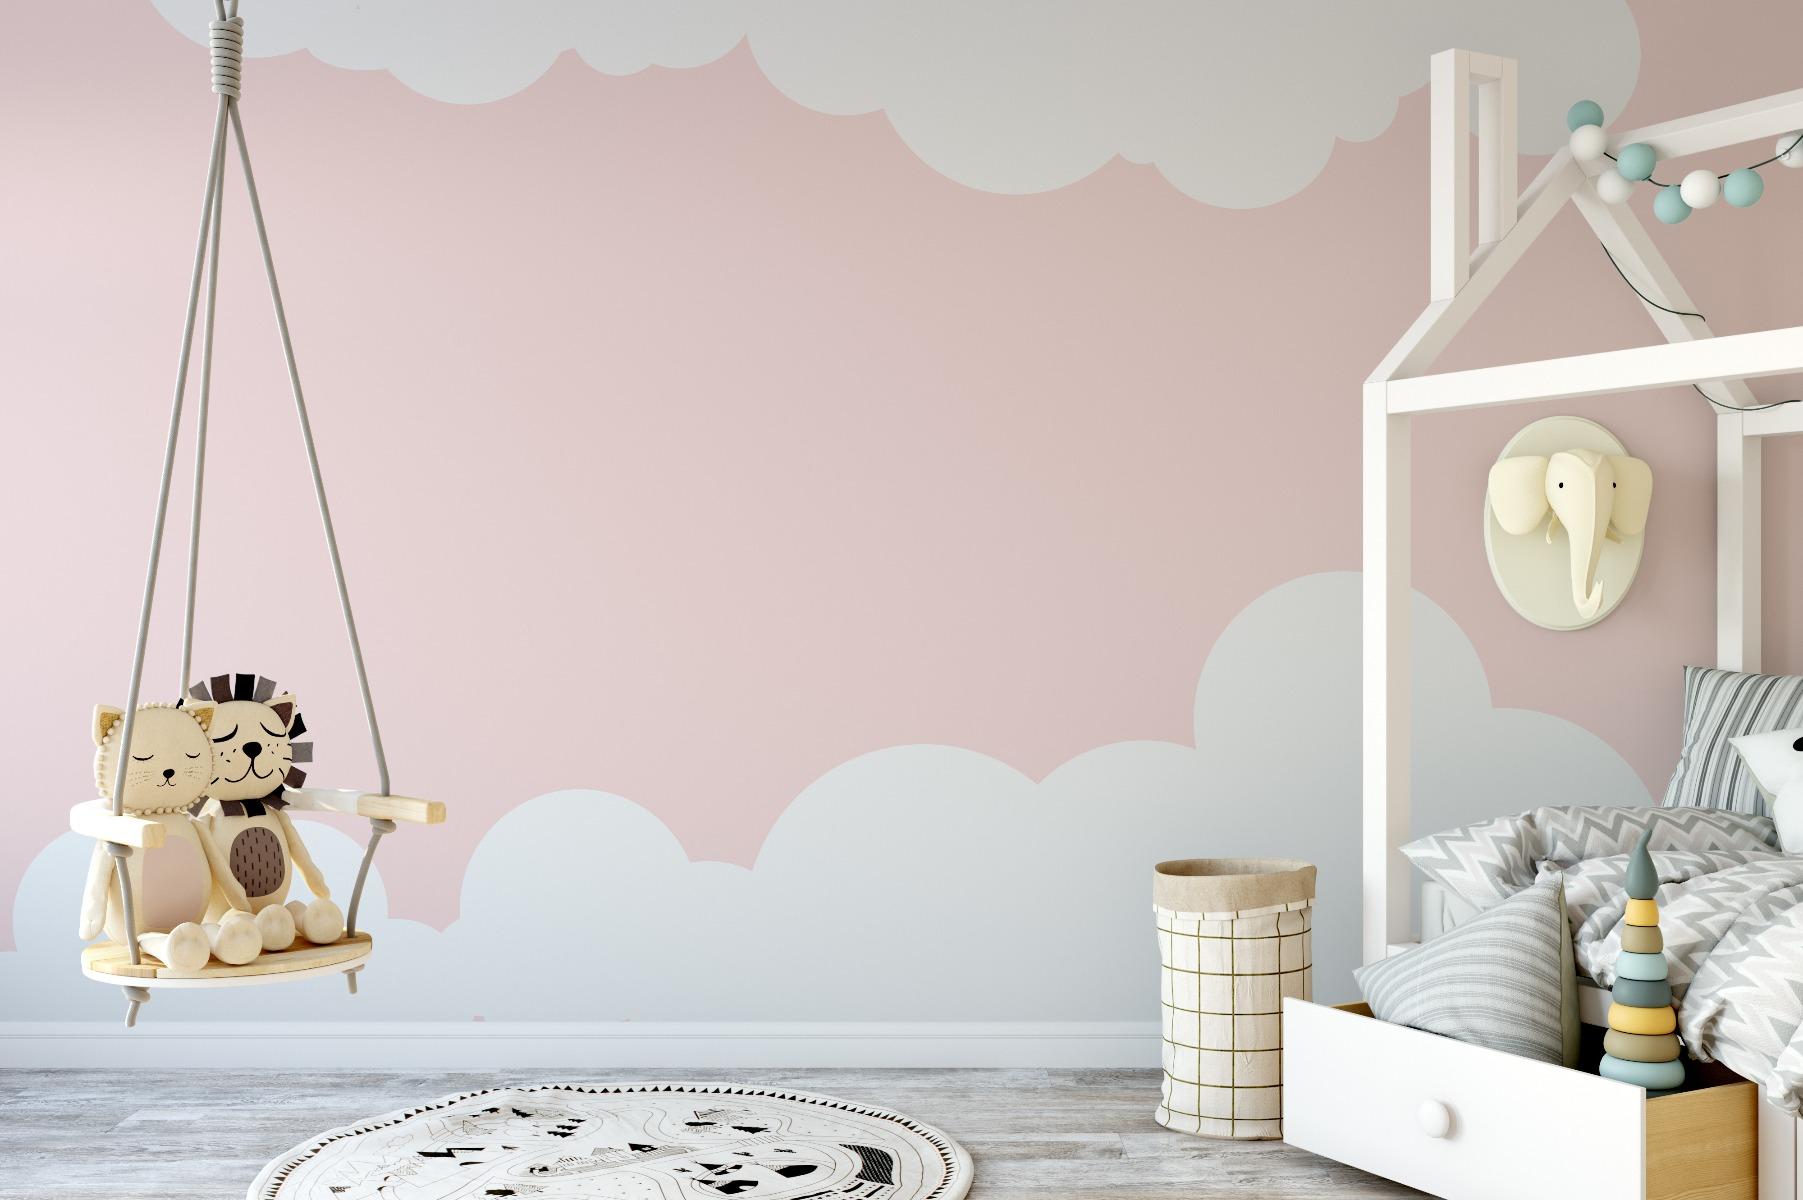 Das Bild zeigt eine Kinderzimmer Wand.